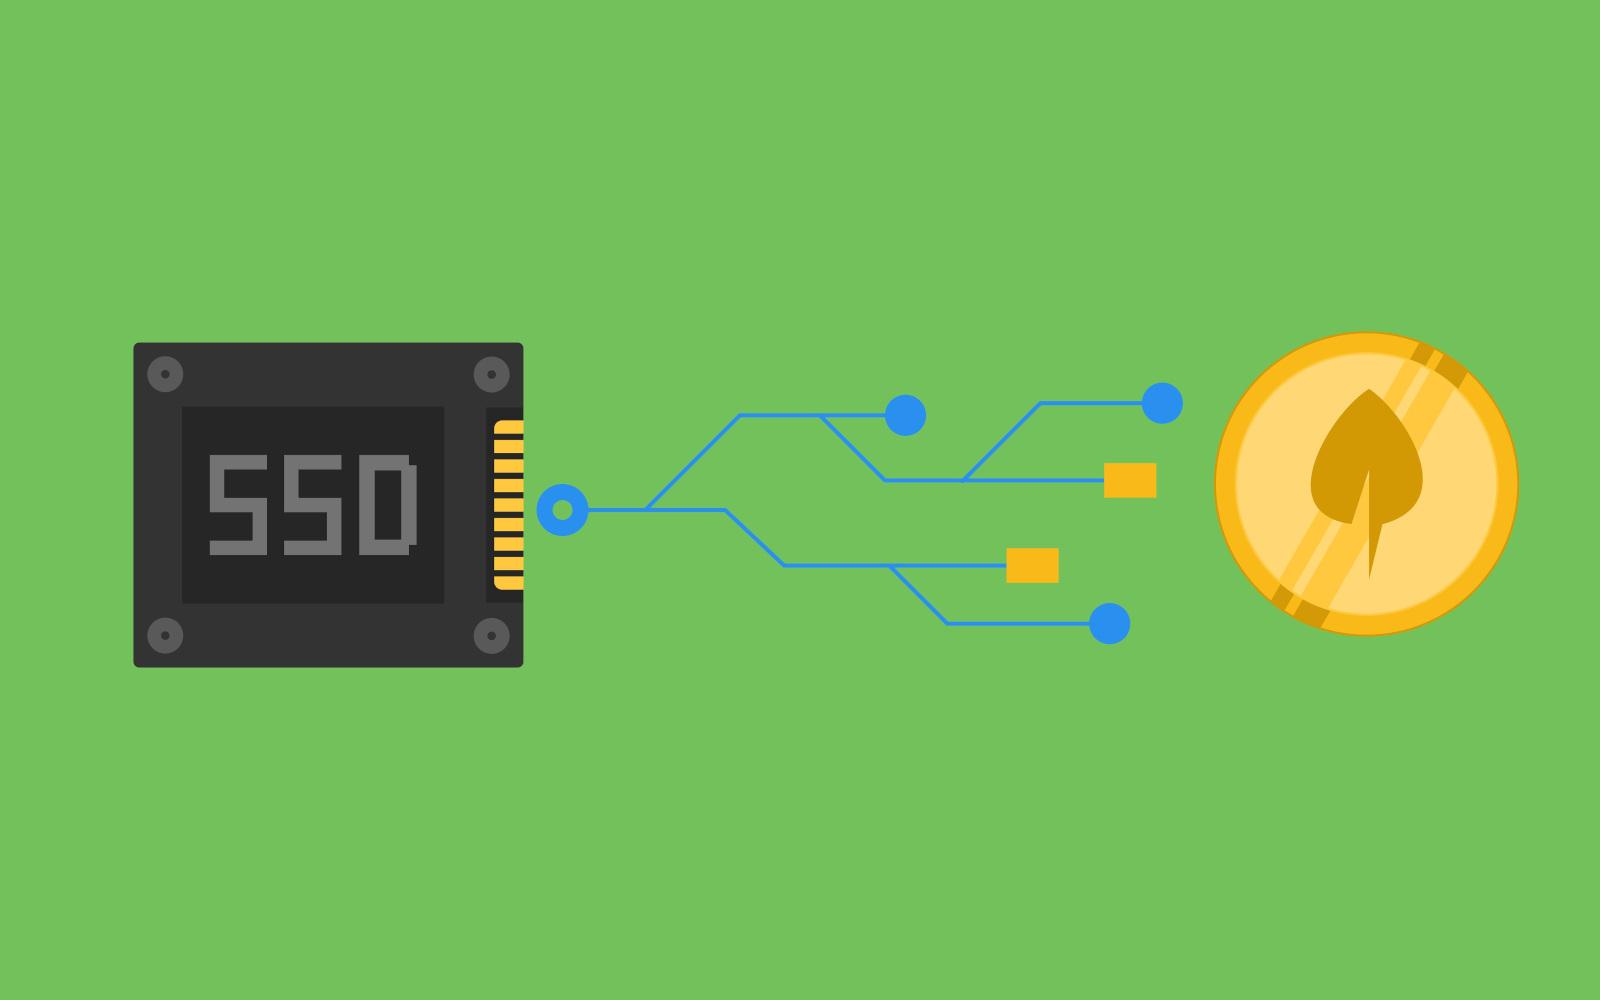 Kryptowährungen auf Basis von freiem Speicherplatz. Pietrzaks alternative Konstruktion der Blockchain ist effizienter und damit nachhaltiger als die vorrangig genutzten Methoden. © Shutterstock